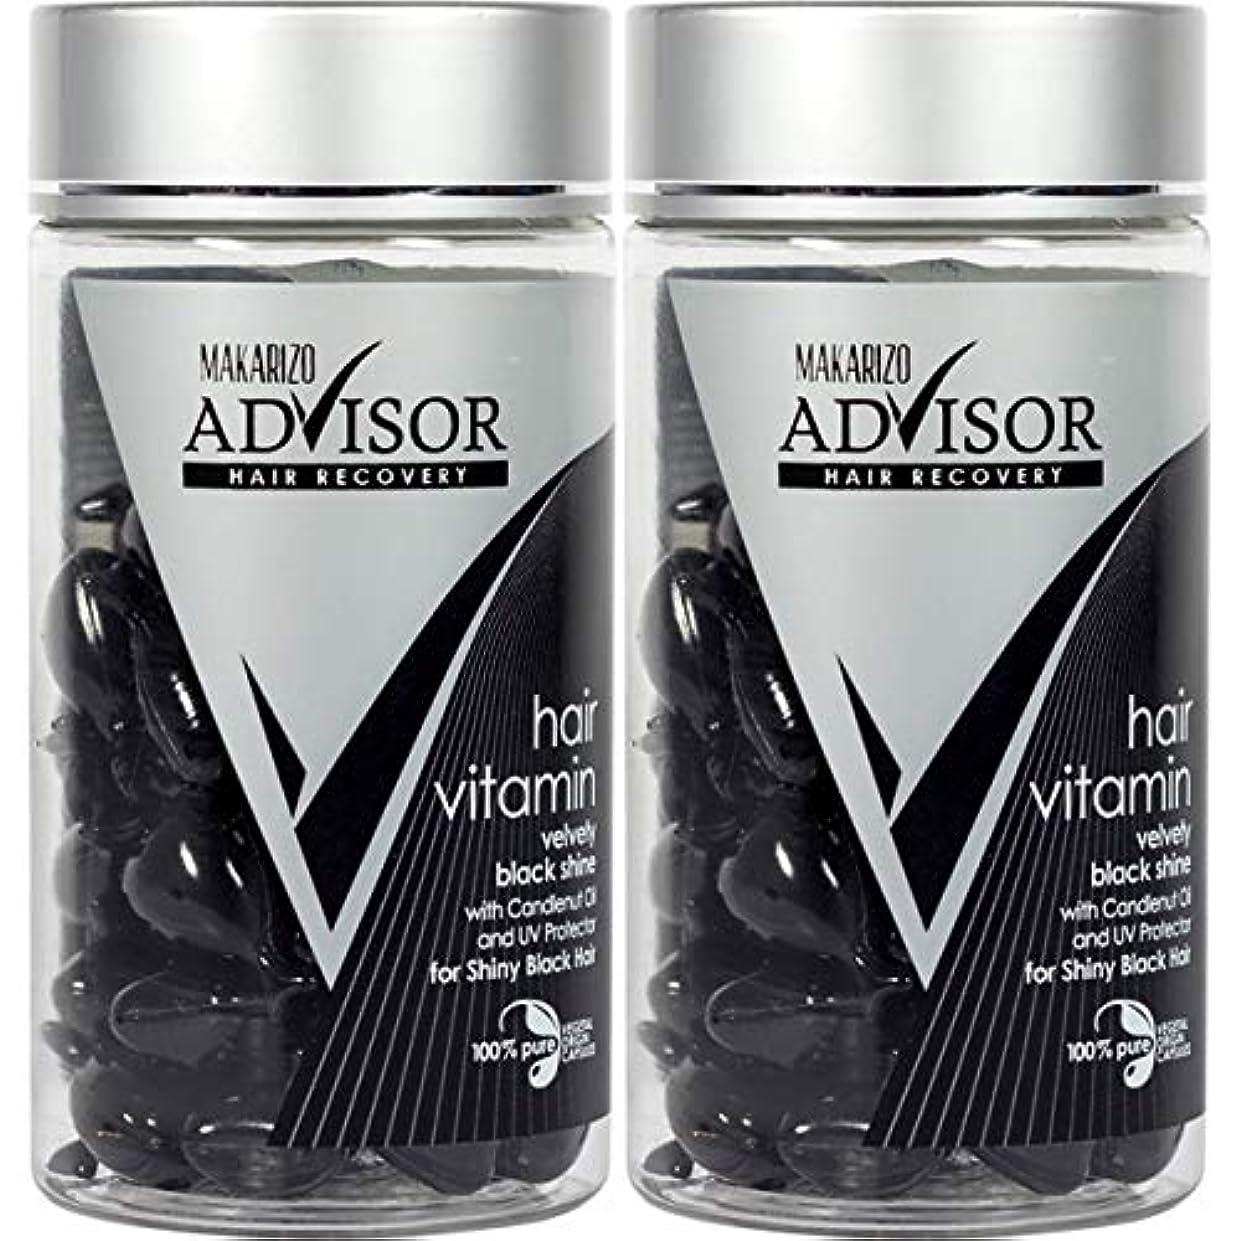 カレンダーサロンわずらわしいMAKARIZO マカリゾ Advisor アドバイザー Hair Vitamin ヘアビタミン 50粒入ボトル×2個セット Velvety Black Shine ブラック [海外直送品]